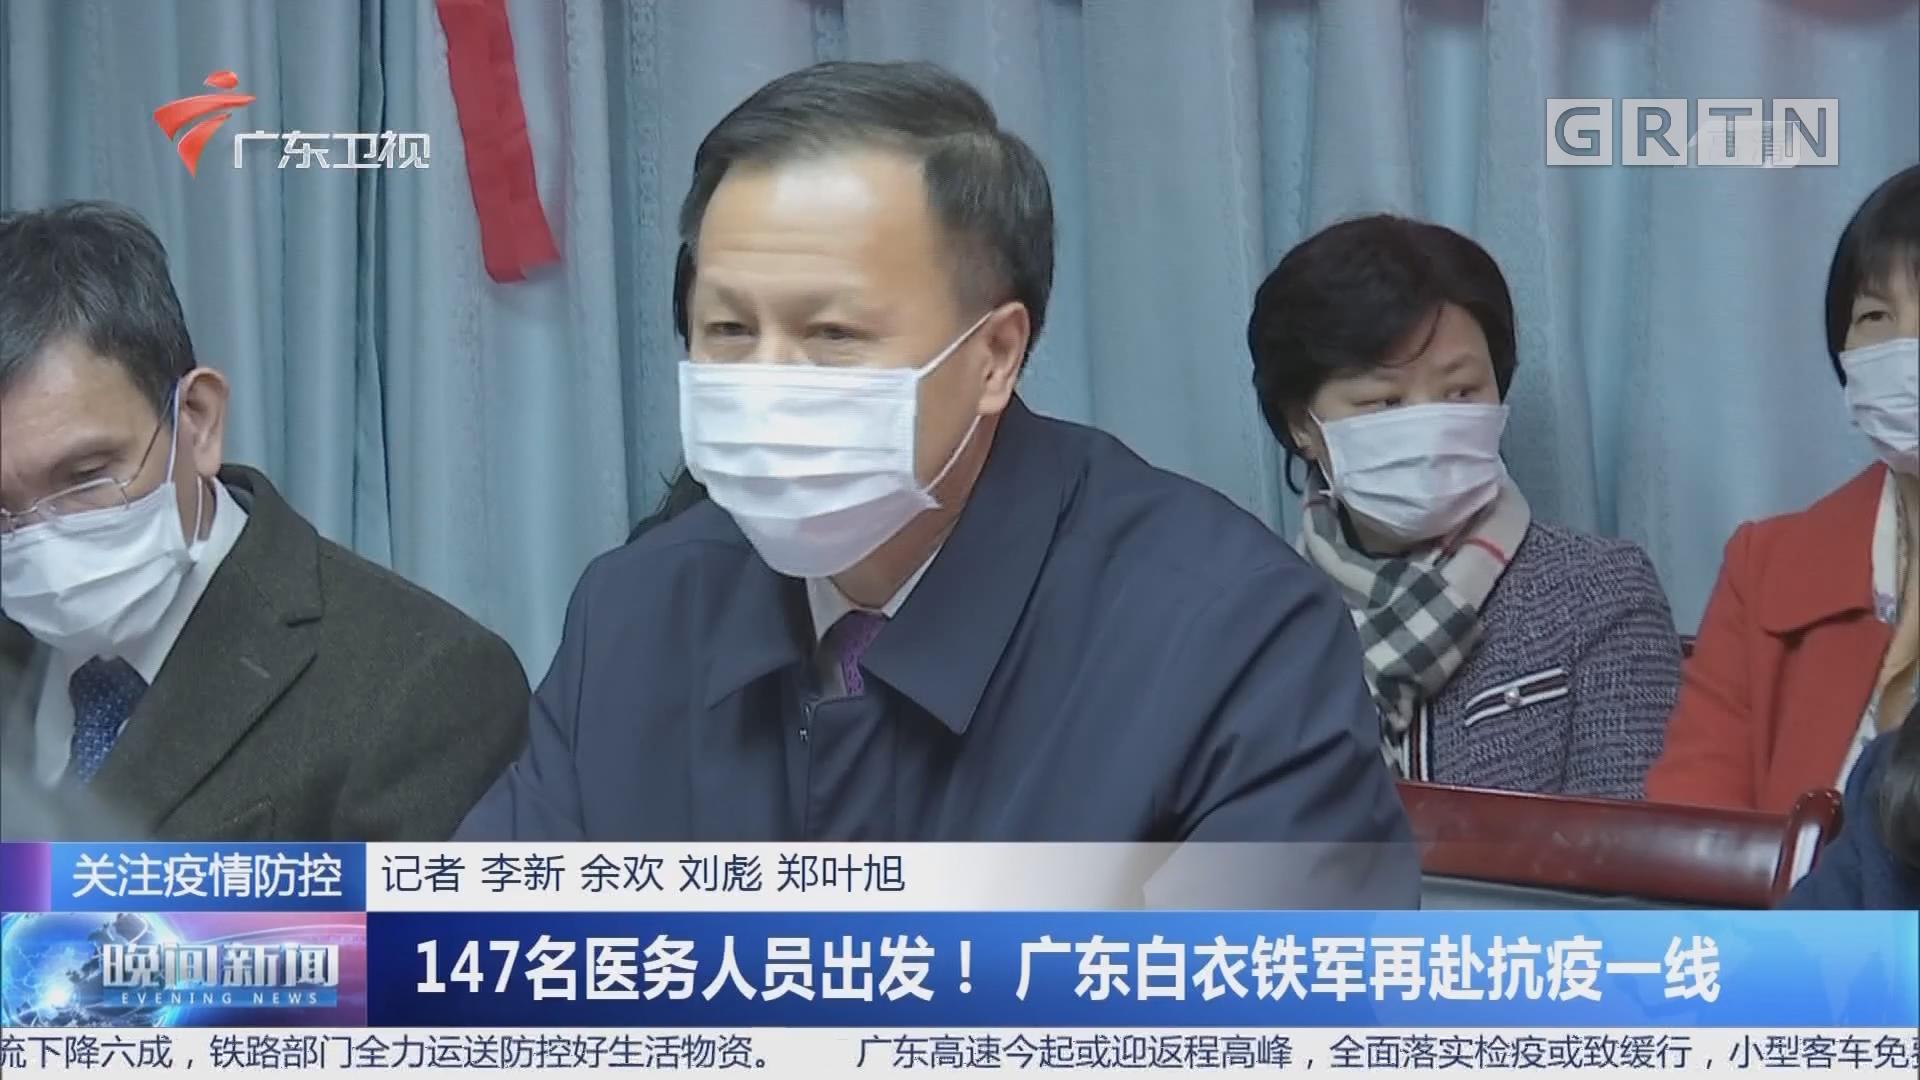 147名医务人员出发!广东白衣铁军再赴抗疫一线